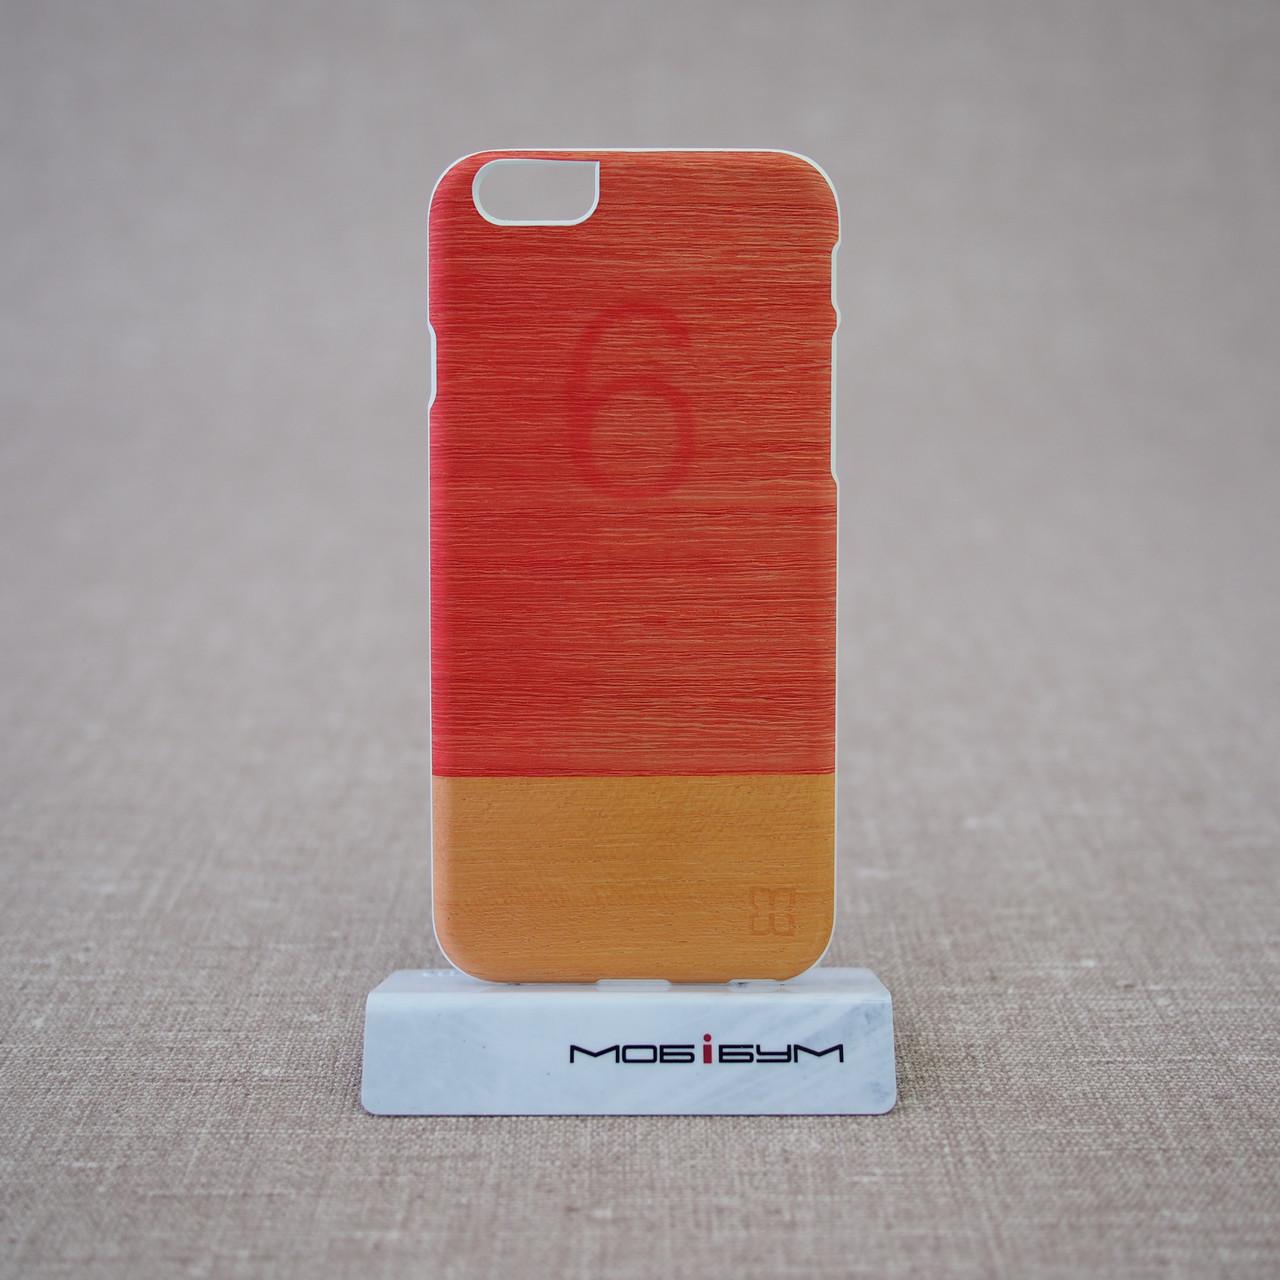 Чехол Mannwood Wood iPhone 6 Little Peach/white (M1483W) EAN/UPC: 8809339477086